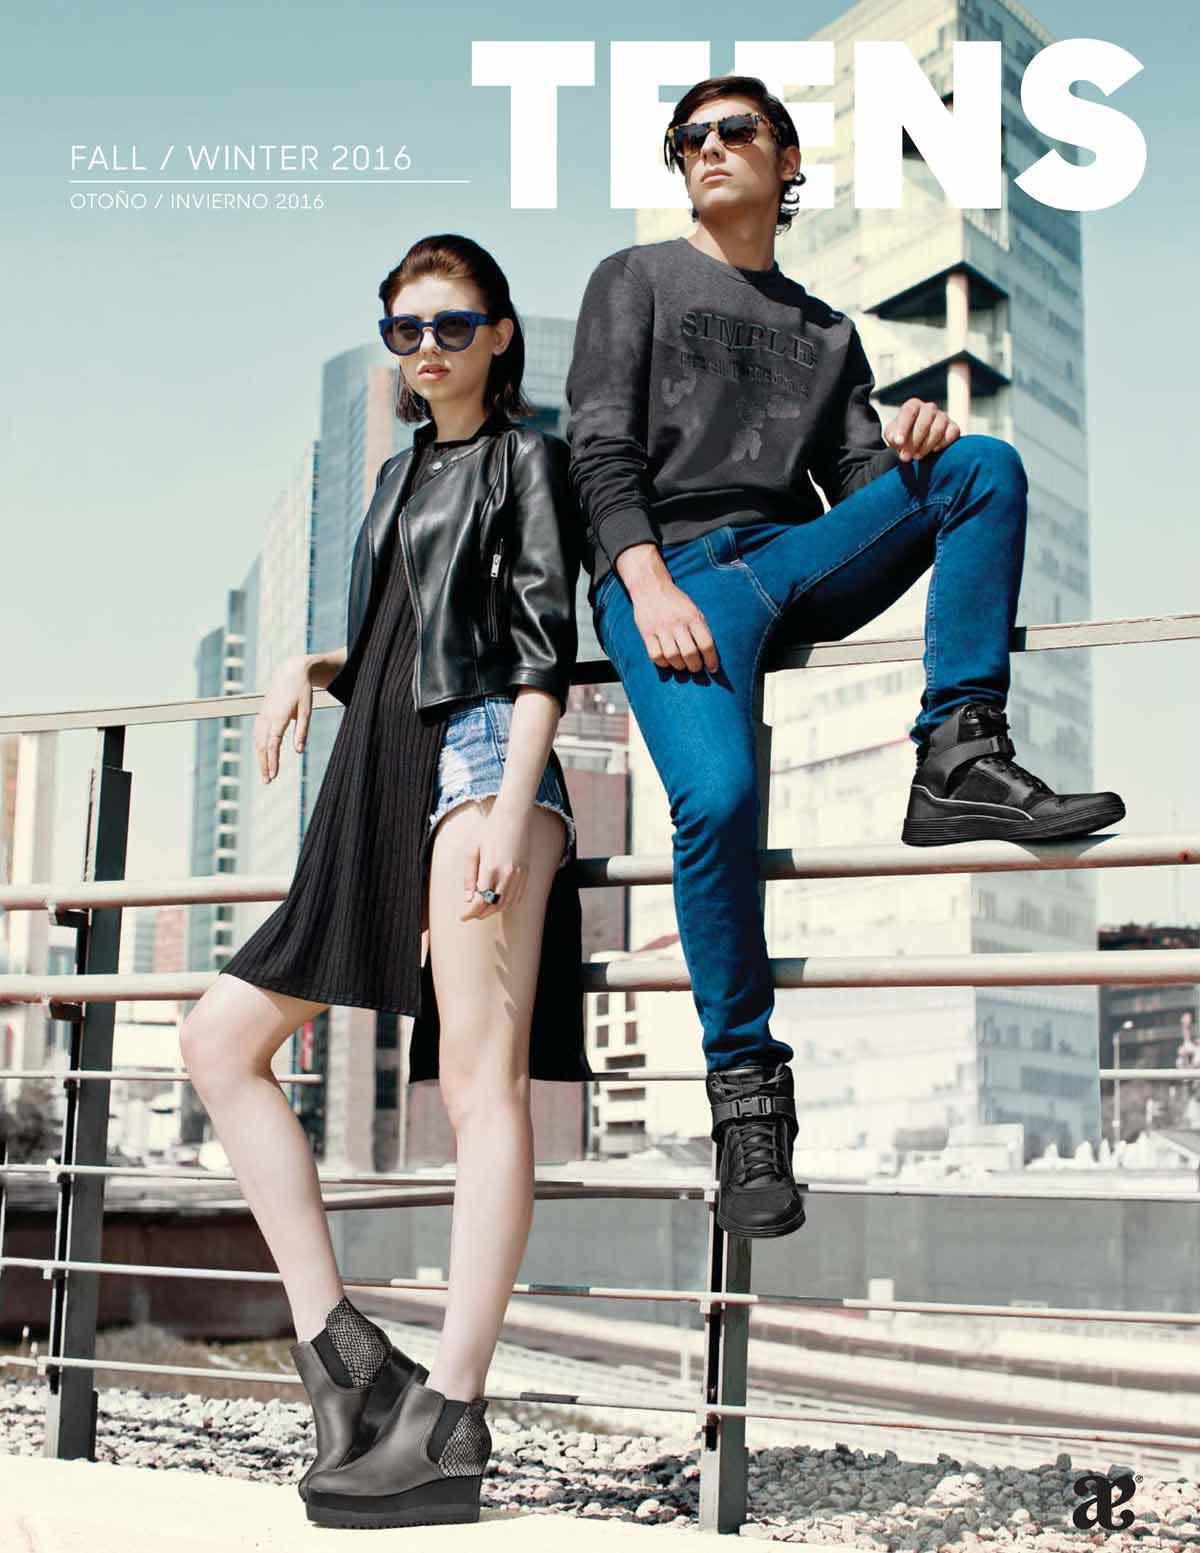 Andrea teens catalogo oto o invierno 2016 2017 for Zapatos por catalogo